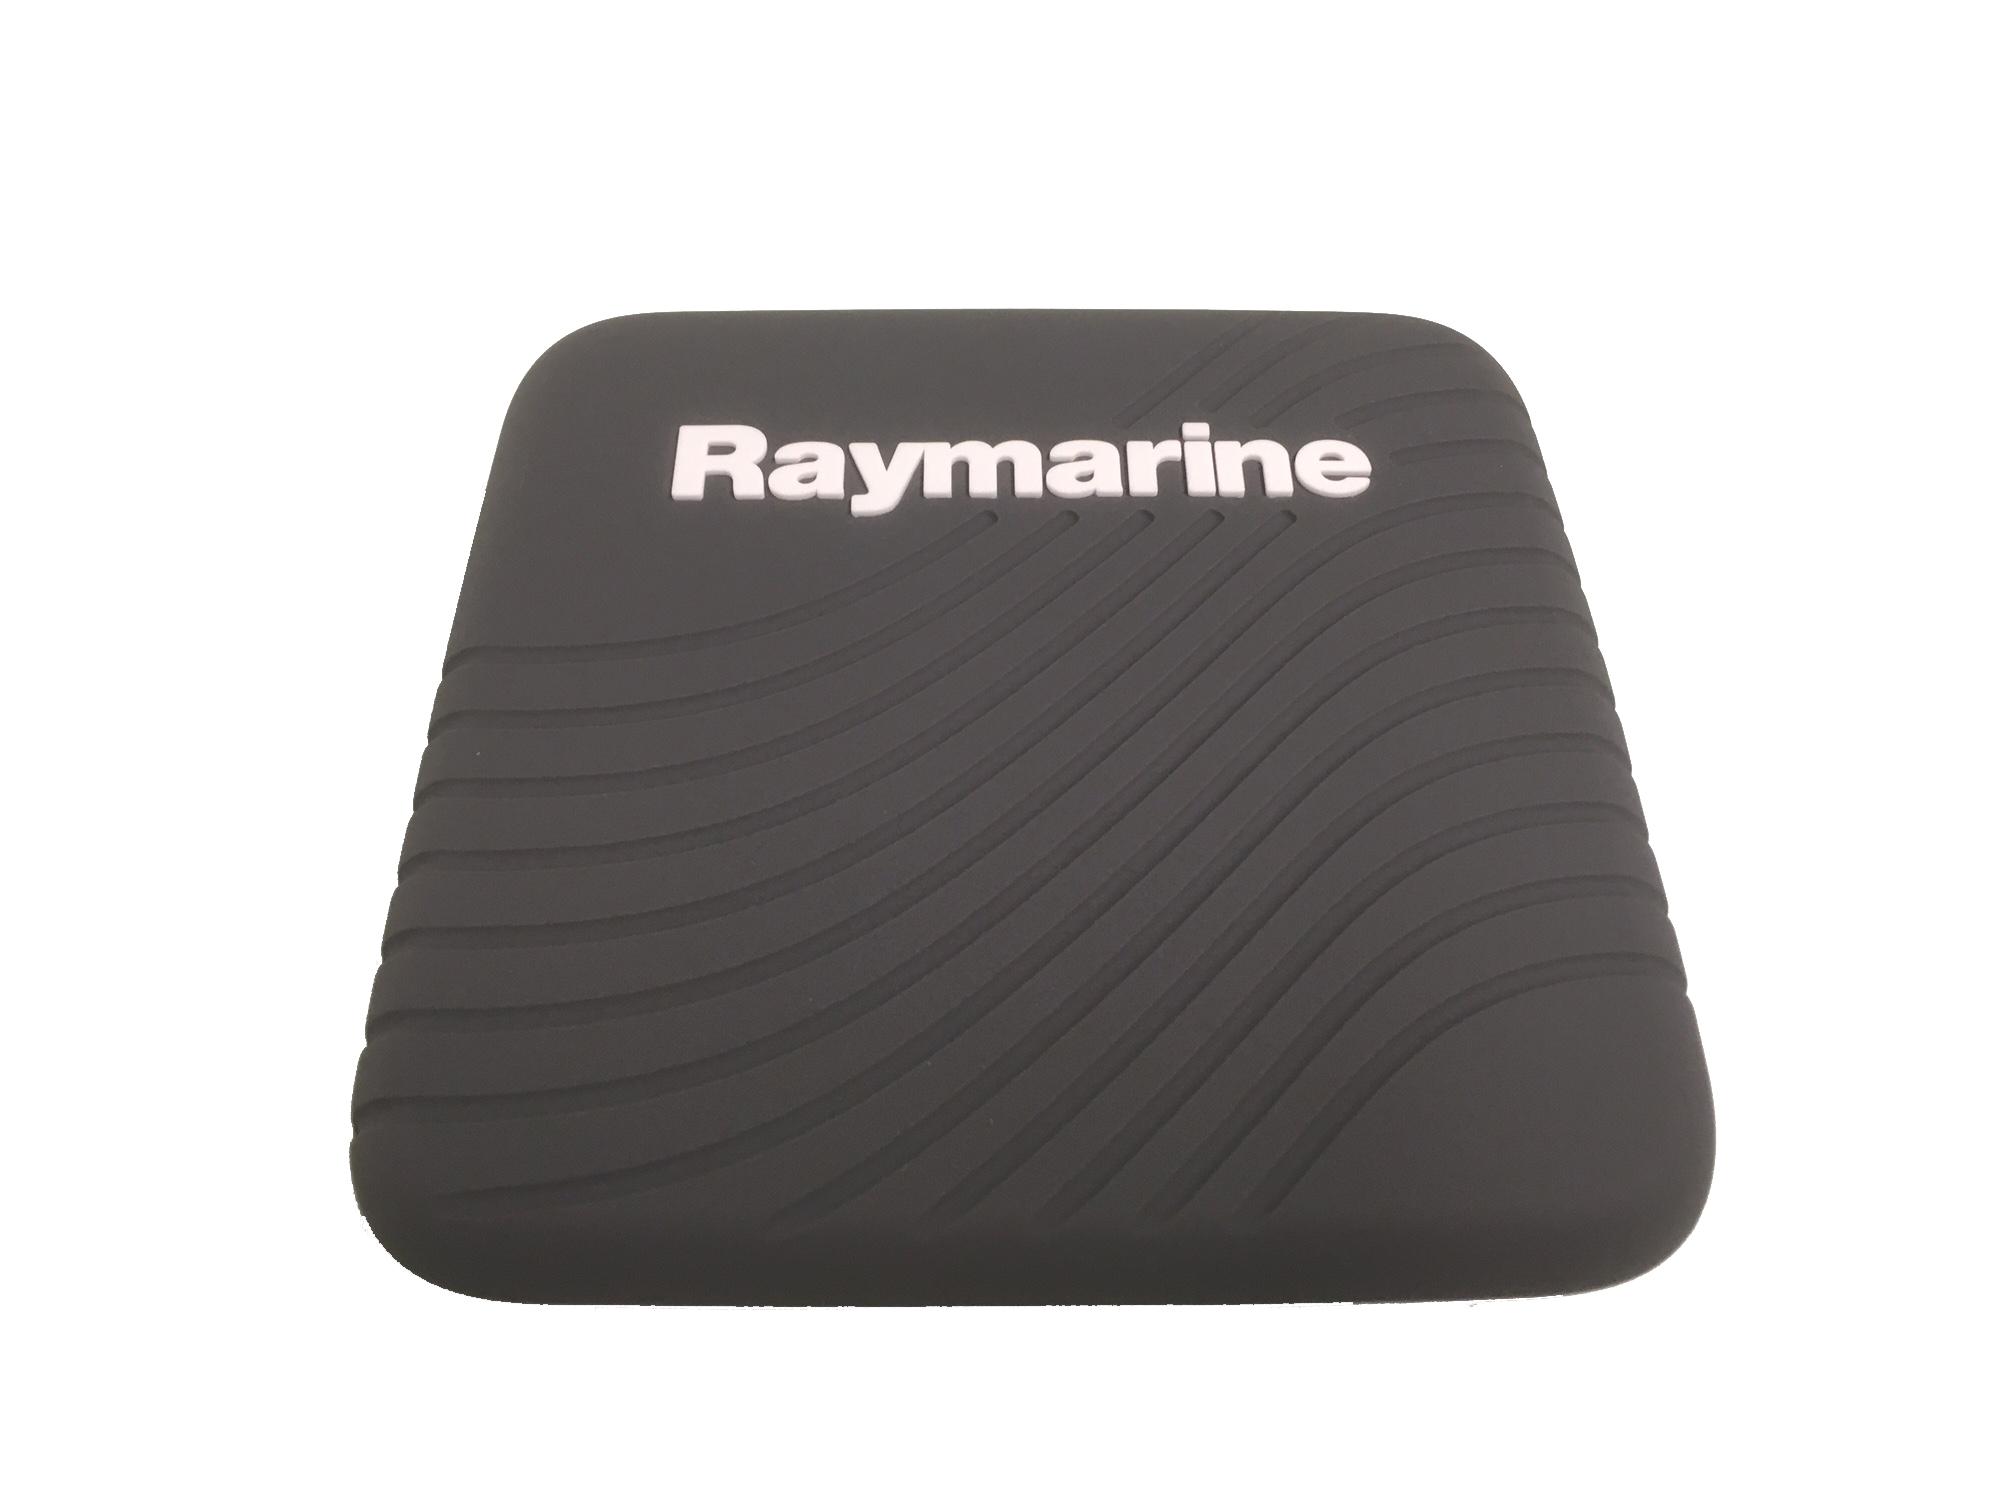 Raymarine Sonnenschutz Abdeckung für Dragonfly 7 Pro